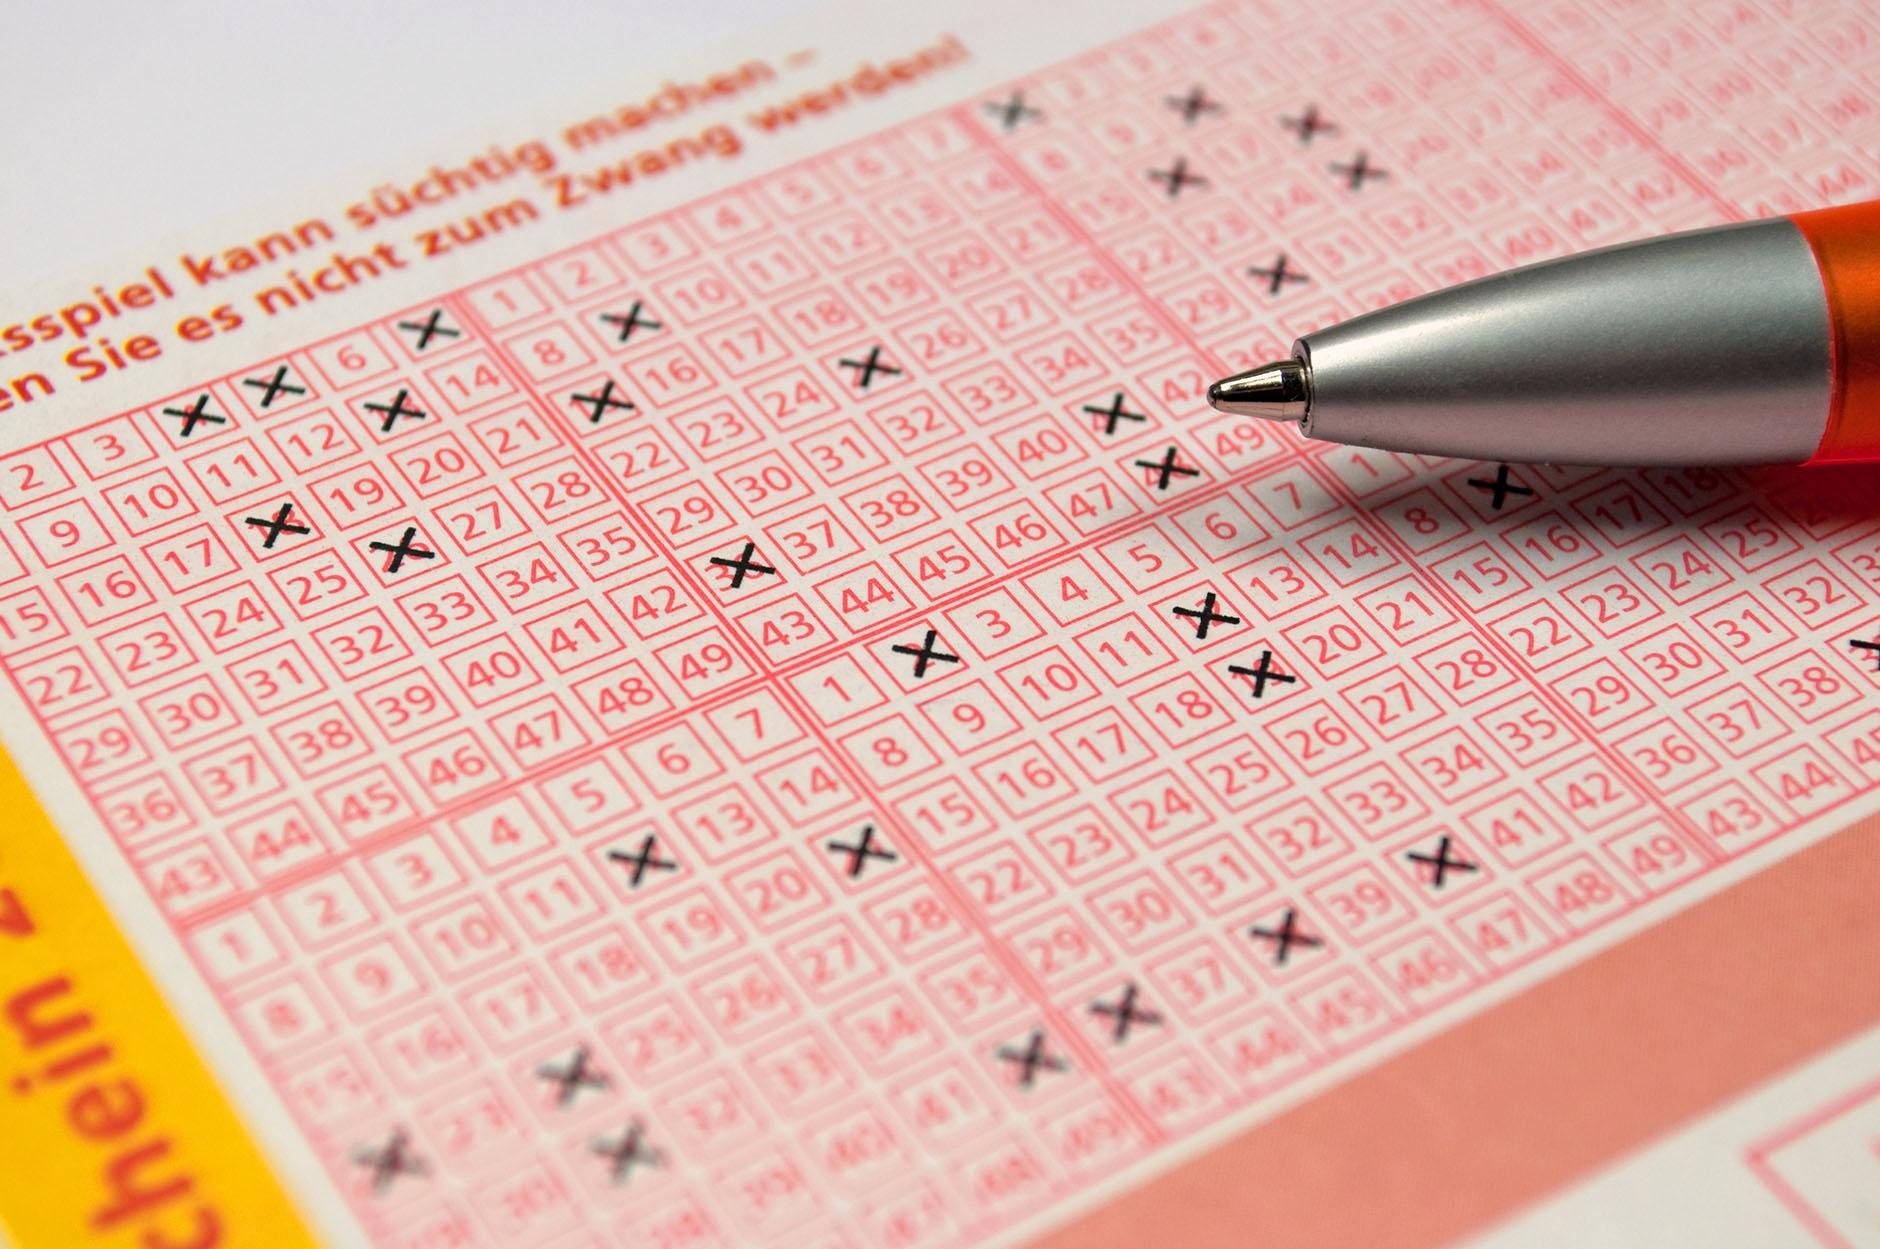 Lotto 6 aus 49, Eurojackpot, Keno, Glücksspirale, SKL, Oddset, Bingo, Auswahlwette oder 13er Wette. Das alles können Sie bei uns spielen.